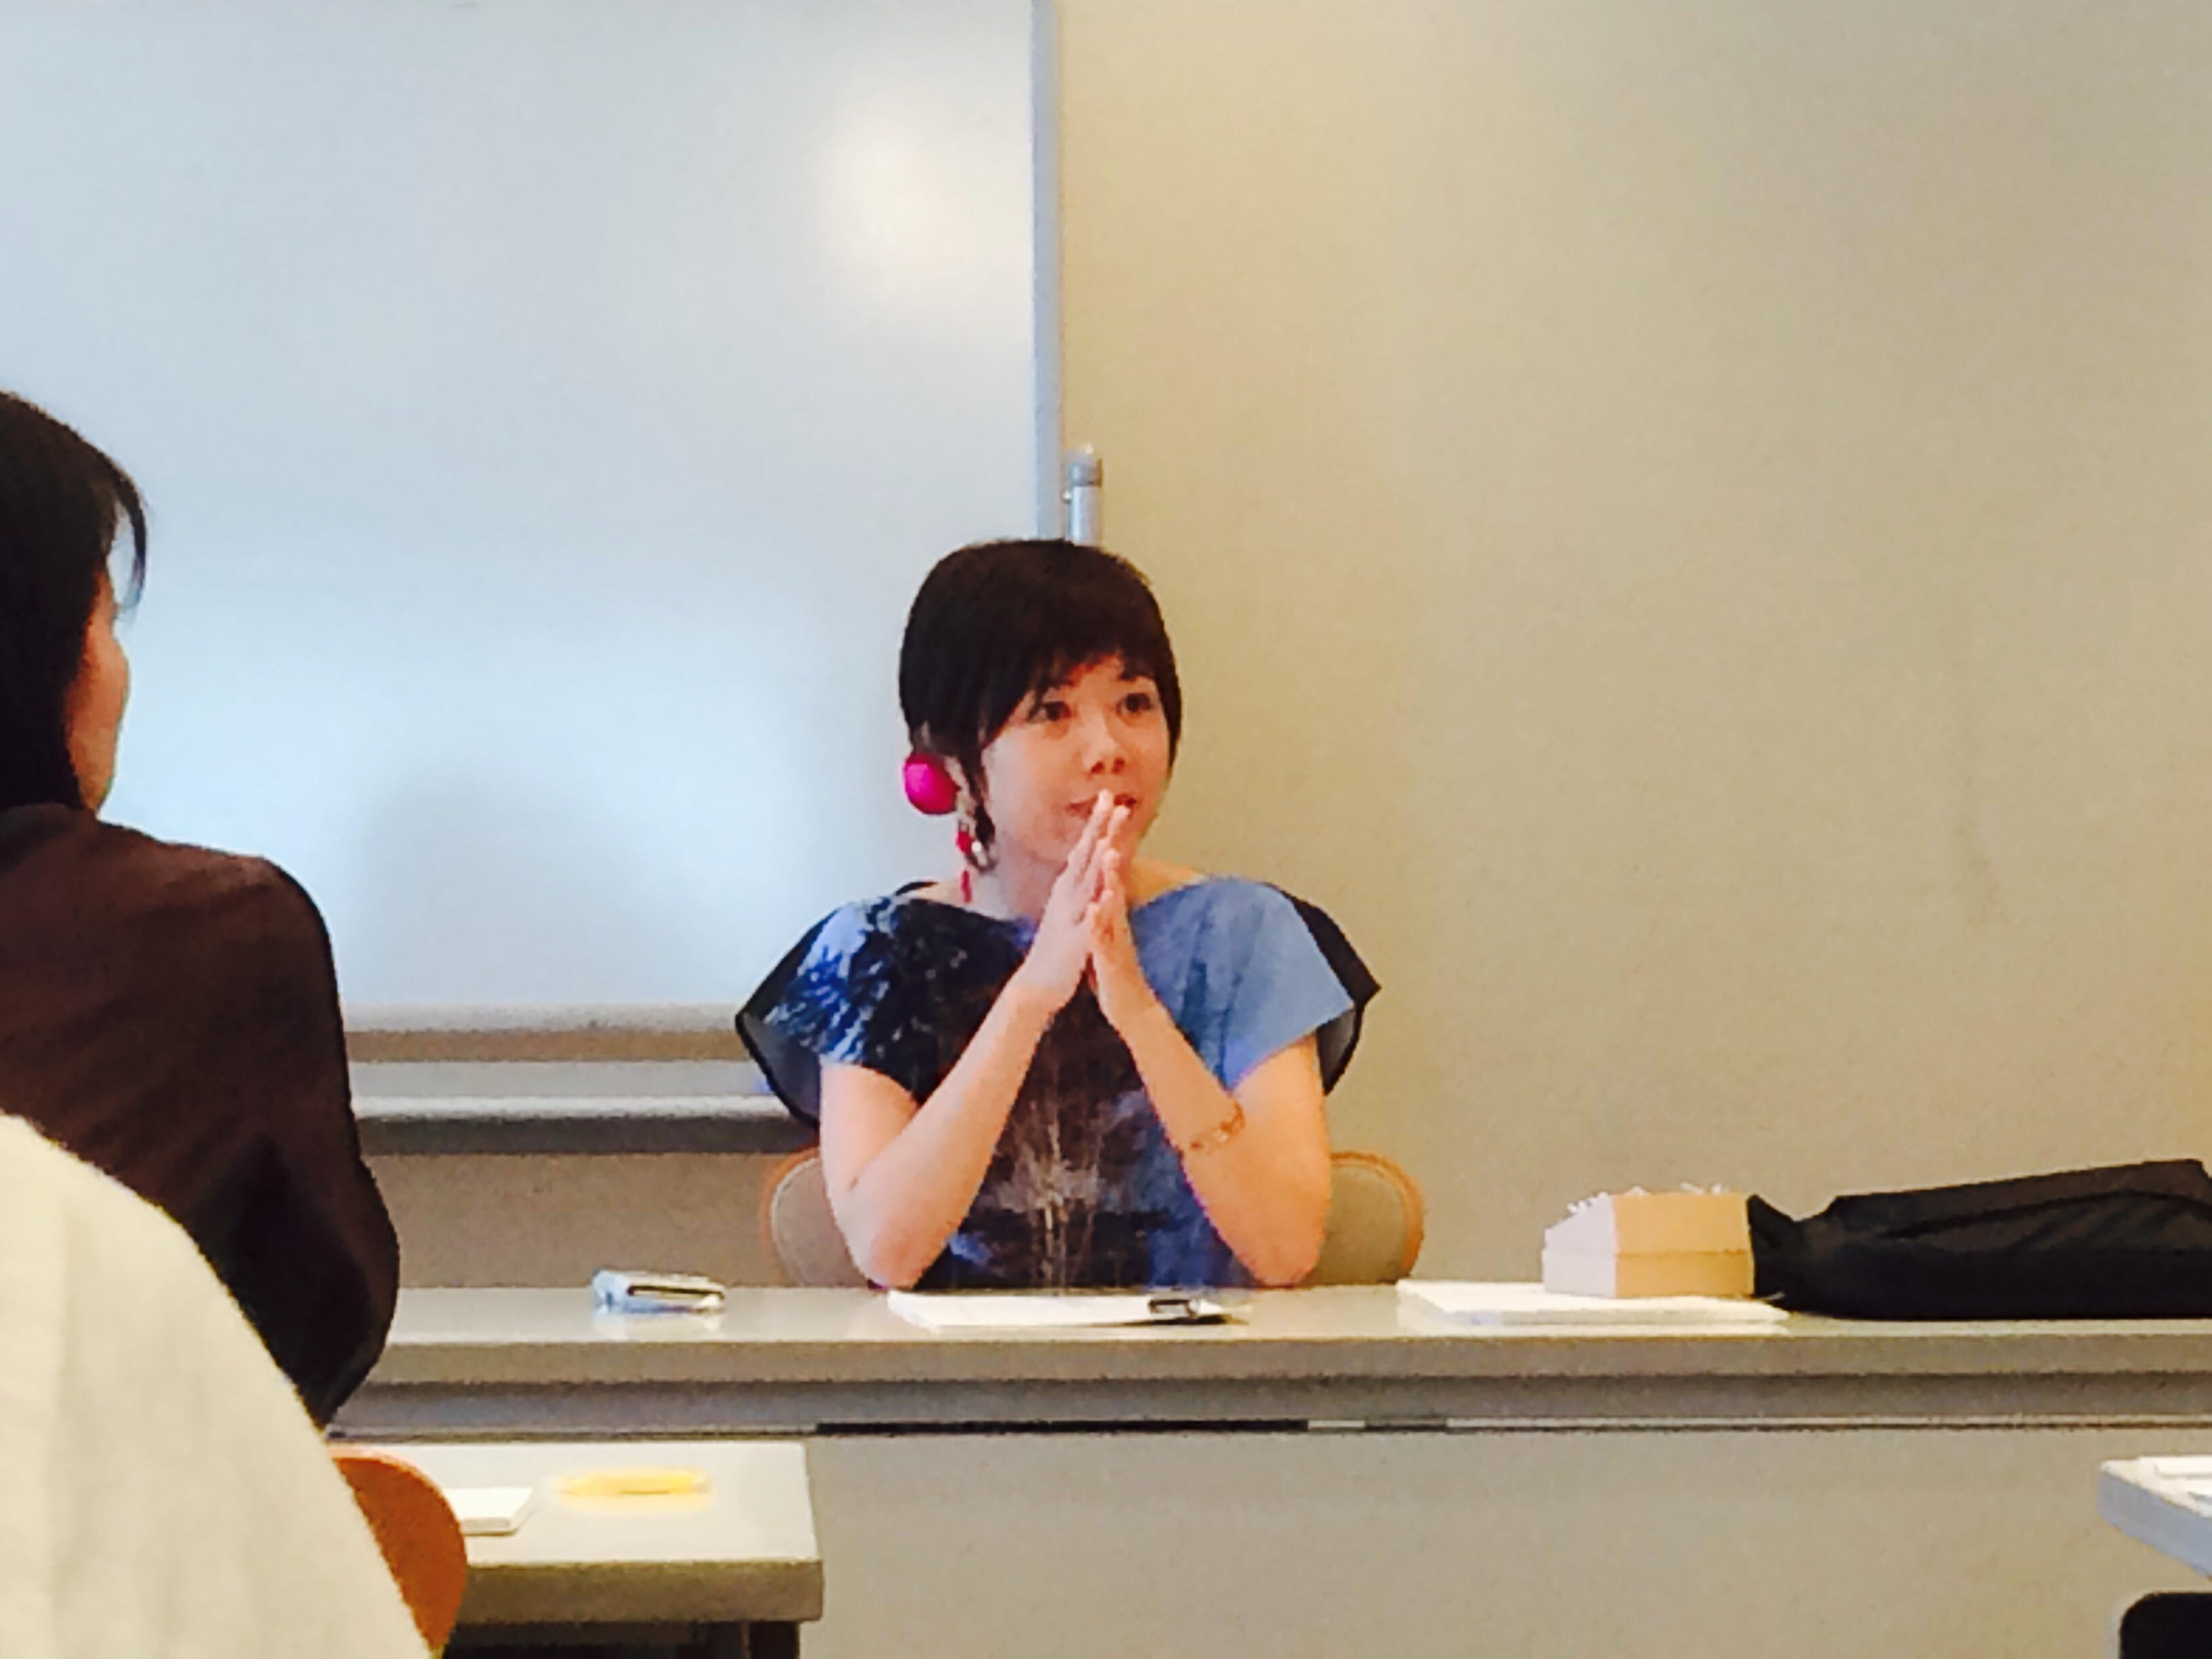 岡山市北区で女性専用の講座に行ってきました